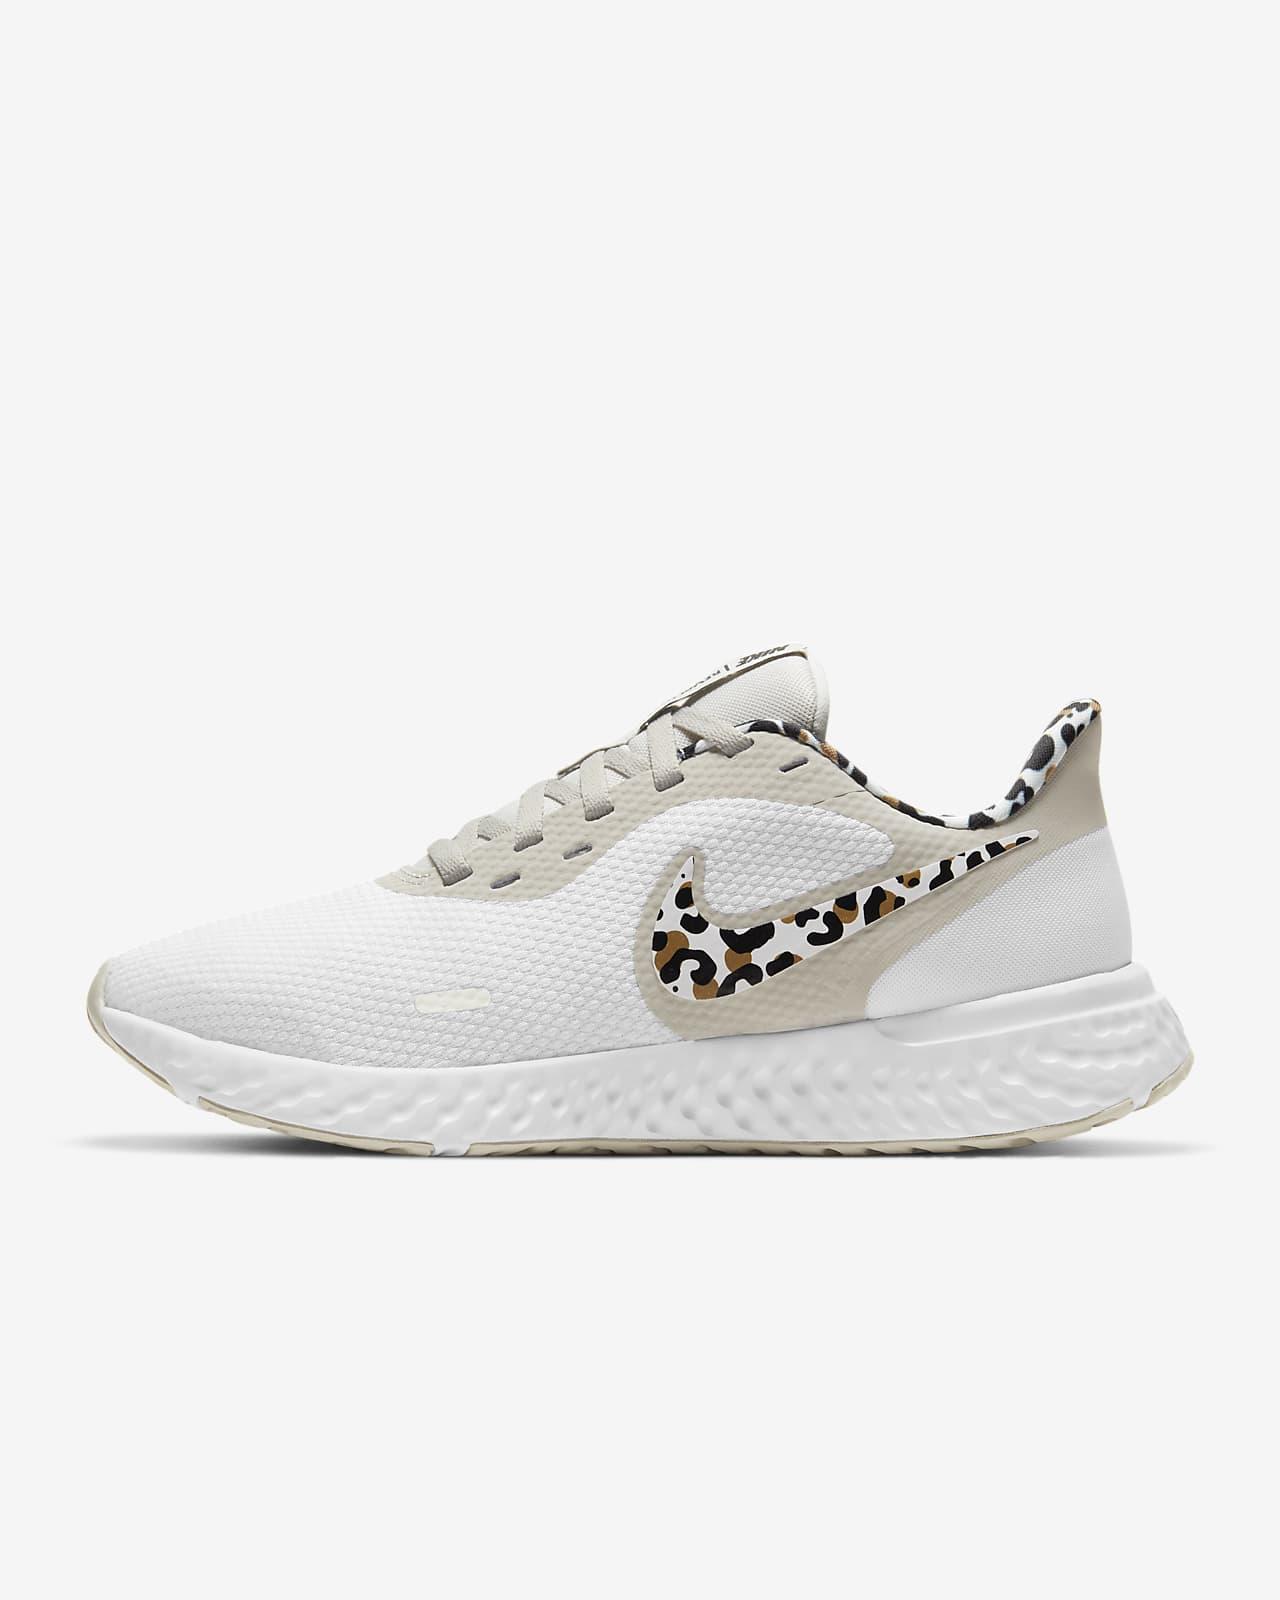 Γυναικείο παπούτσι για τρέξιμο Nike Revolution 5 PRM